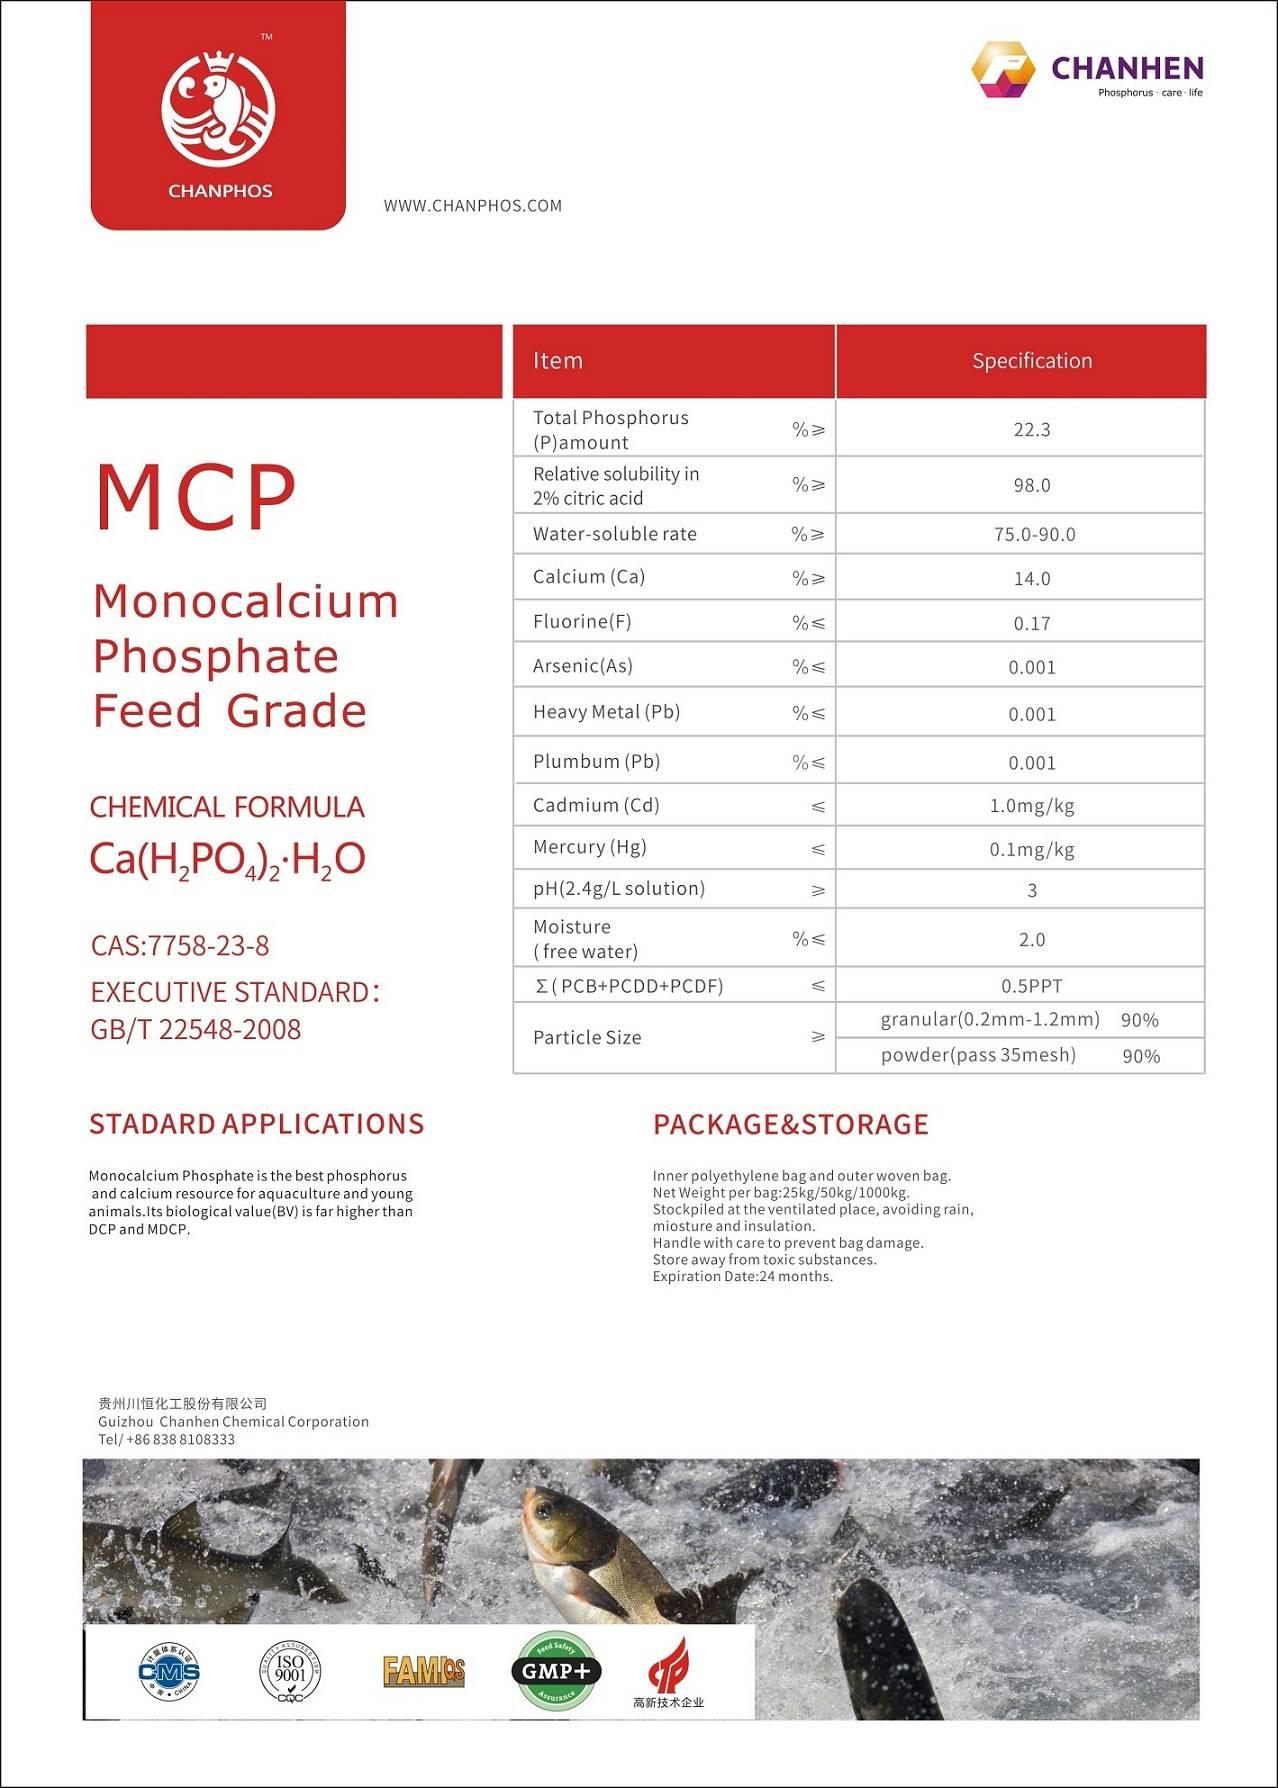 MCP 22.3% Granular